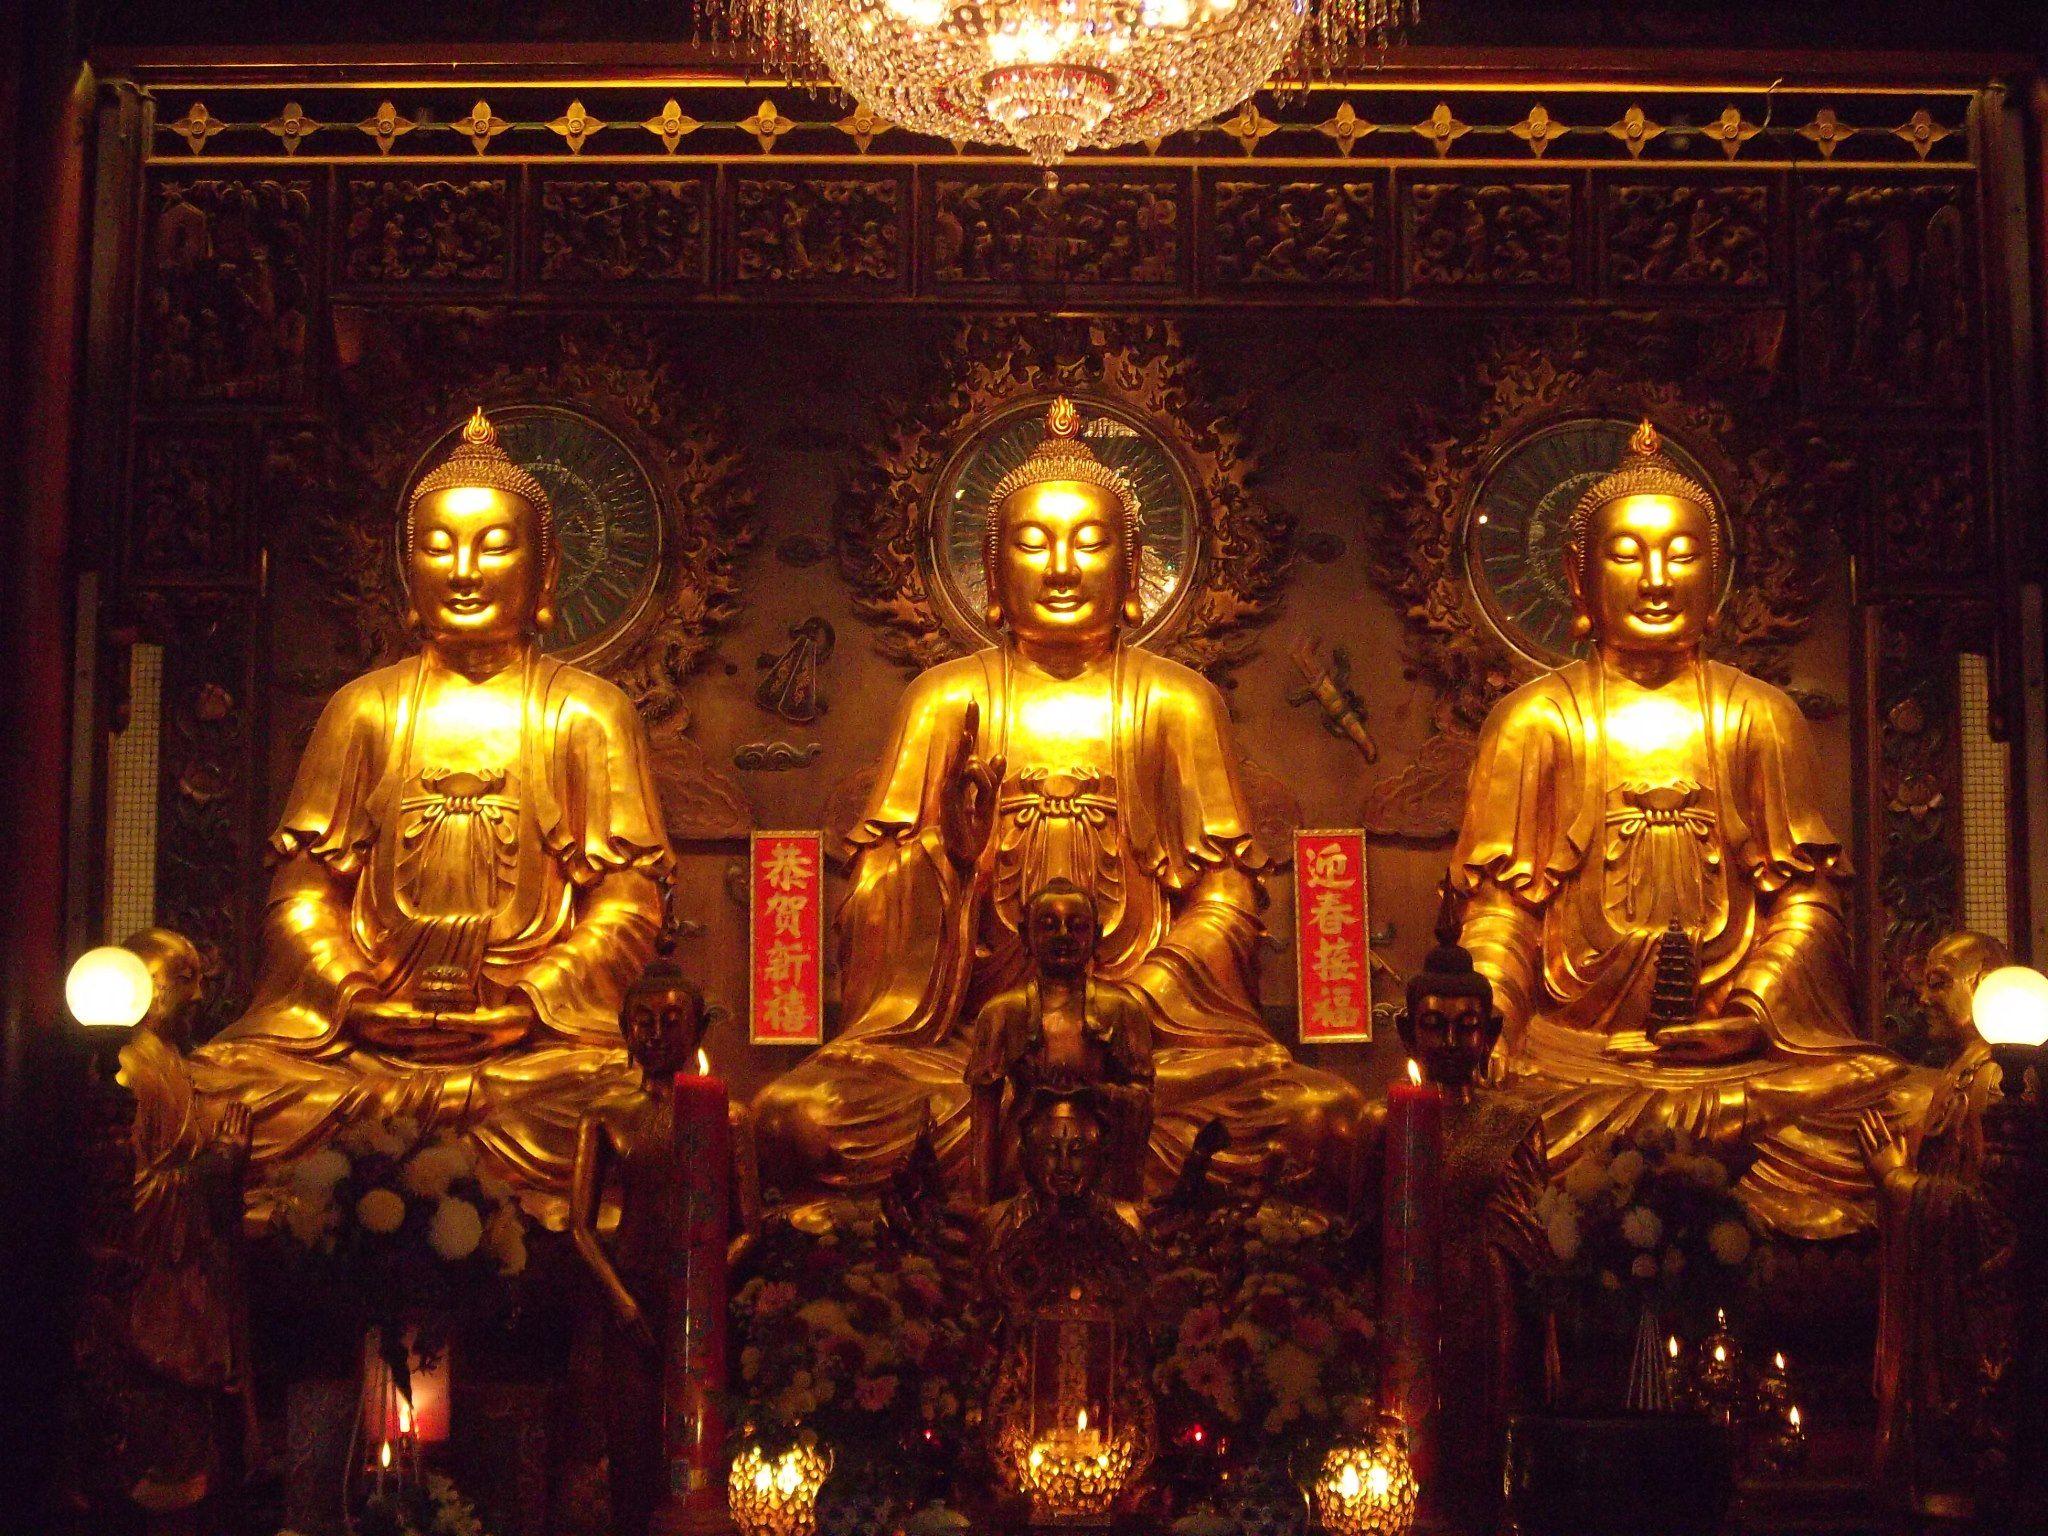 พระพุทธรูปนิกายมหายาน ตามวัดจีนมักมีพระพุทธเจ้าองค์ประธาน ๓ องค์ คือพระศรีศากยมุนี๖องค์กลาง) พระไภษัชยคุรุไวฑูรยประภาตถาคต(องค์ซ้ายในภาพ) และพระอมิตาภพุทธเจ้า